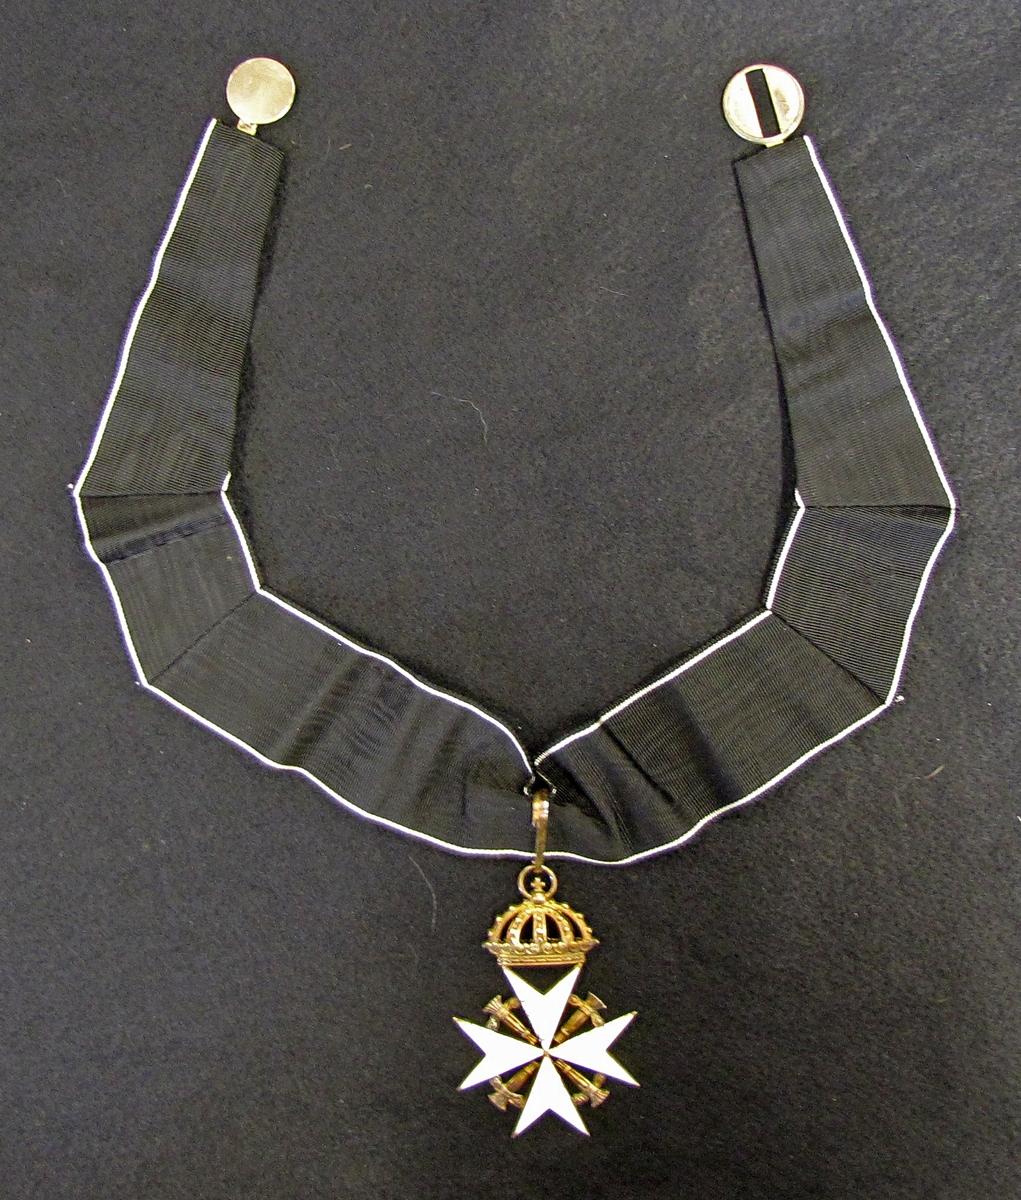 """Johanniterordens halstecken för Rättsriddare. Ordenstecknet fästat i ett svart nackband med vit streck längst sidorna. 7,2 x 4,8 cm.  Johannitorden, halskors med krona för sk Rättsriddare av orden. I praktiken en högre klass inom riddarskapet. Riddarna av Johanniterorden bär halskorset utan krona. På bröstet bärs det lilla bröstkorset som en kraschan till riddartecknet om halsen.  Johannitorden i Sverige (som order officiellt heter) är endast öppen för personer av adlig härkomst och börd.  Ordenstecknet ändrades till sitt nuvarande utseende 1946 då banden till den tyska moderorden klipptes, tidigare hörde man till det sk """"Balley Brandenburg"""". Ändringen bestod i att de svartemaljerad, krnta, preussiska örnarna utbyttes mot vad som uppfattades som en svensk symbol nämligen Vasakärvar, det tidigare helsvarta bandet försågs med en vit kant.  Tecknet, av förgyllt, emaljerat silver förvaras i ett etui som egentligen är avsett för ett kommendörstecken av antingen Nordstjärneorden eller Vasaorden, bärlänken är även den från ett svenskt kommendörtecken.  Ordenstecknen är burna till kammarherreuniform VM 21 434.  Samlingen kom till museet via testamente. Erik T:sson Uggla hade tidigare köpt ut alla ordnar och tecken för att kunna testamentera dessa till Vänersborgs museum.   Överlämnat av sonen till ägaren"""